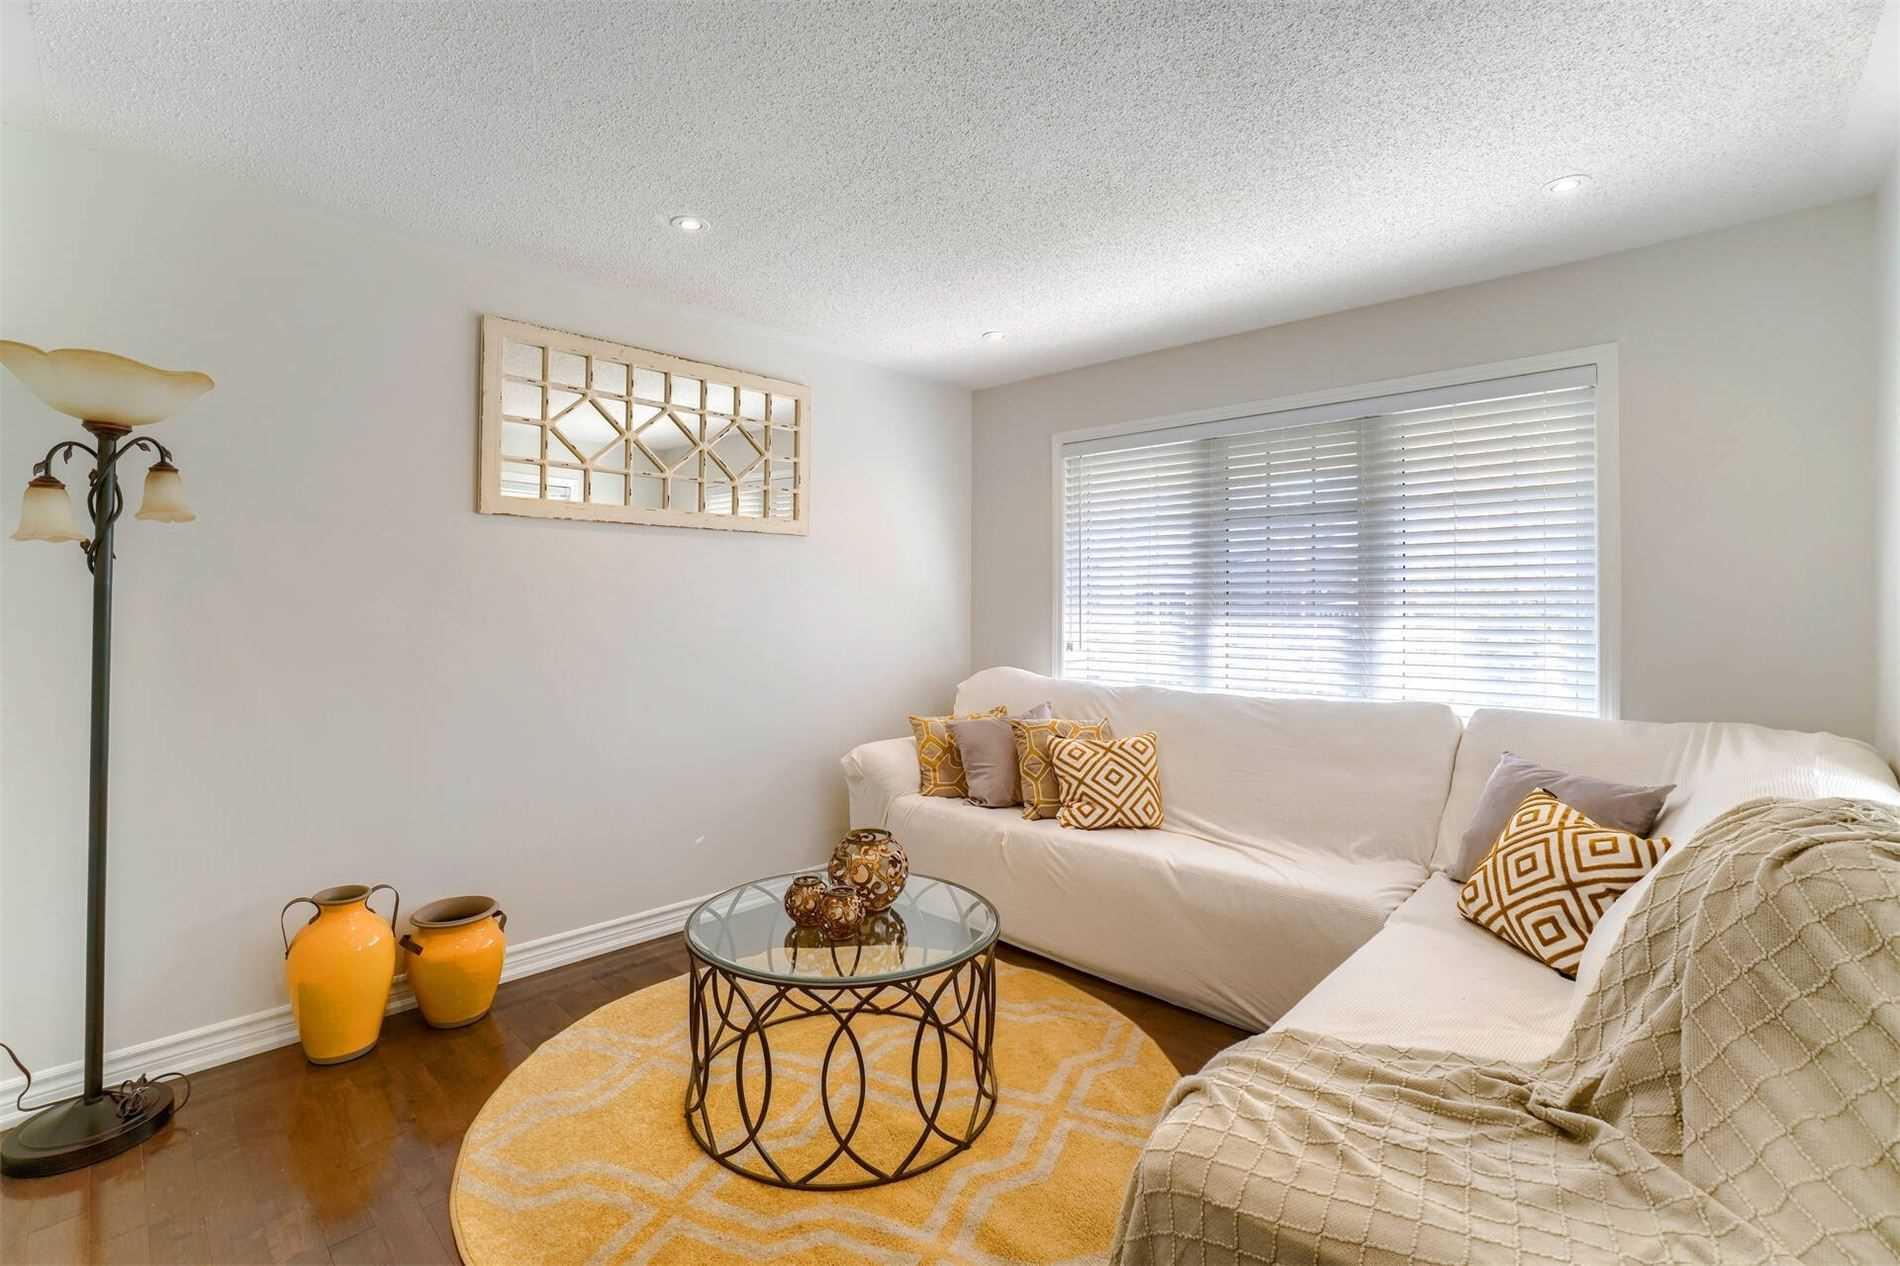 909 Hepburn Rd - Coates Detached for sale, 4 Bedrooms (W5398610) - #5